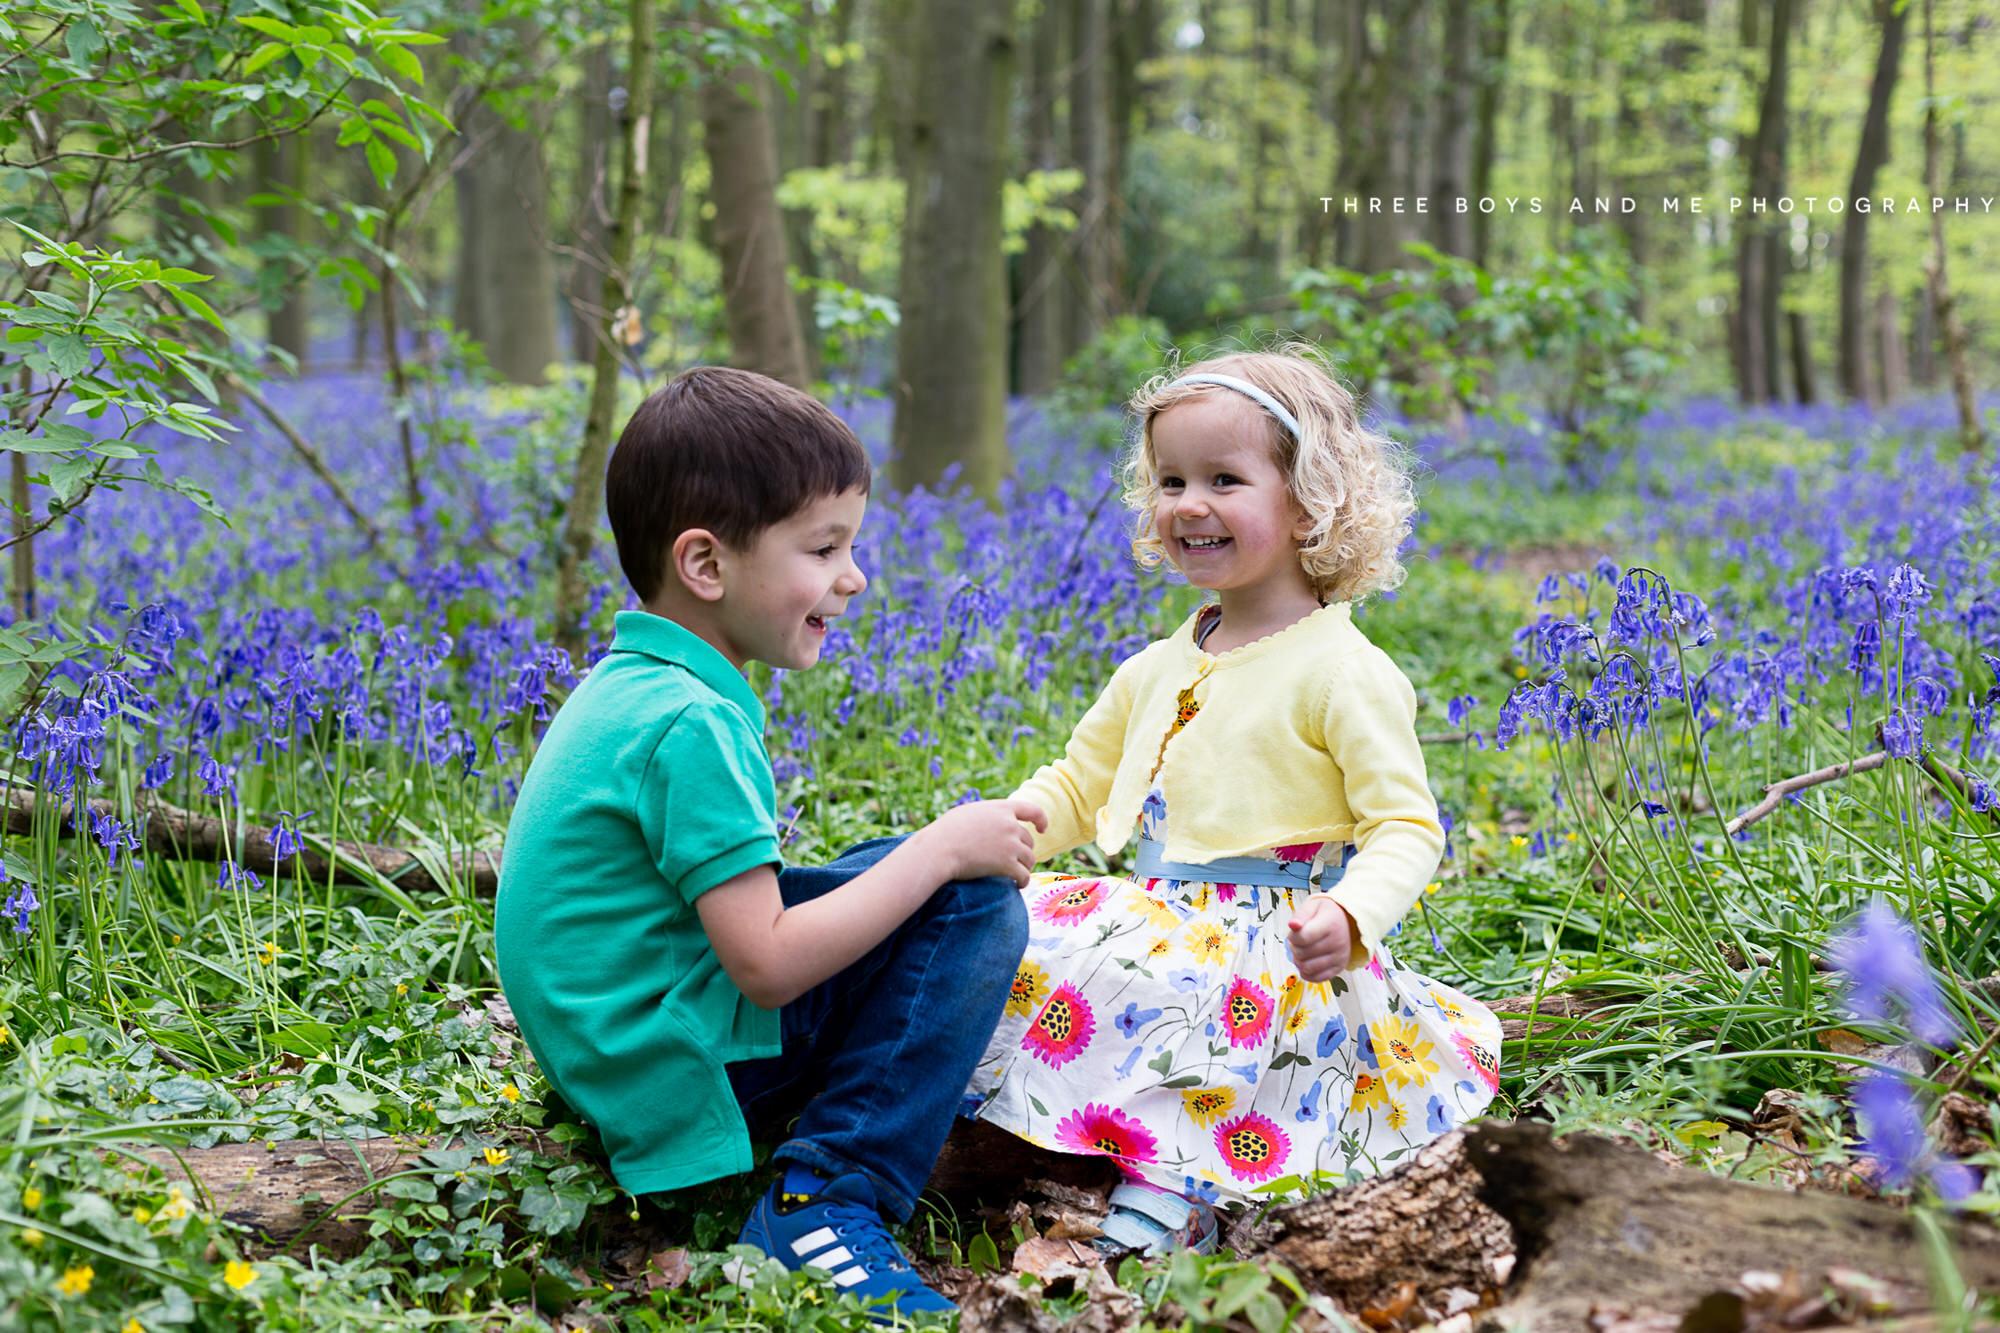 bluebell children photography, bluebell family photography, photoshoot in the bluebells